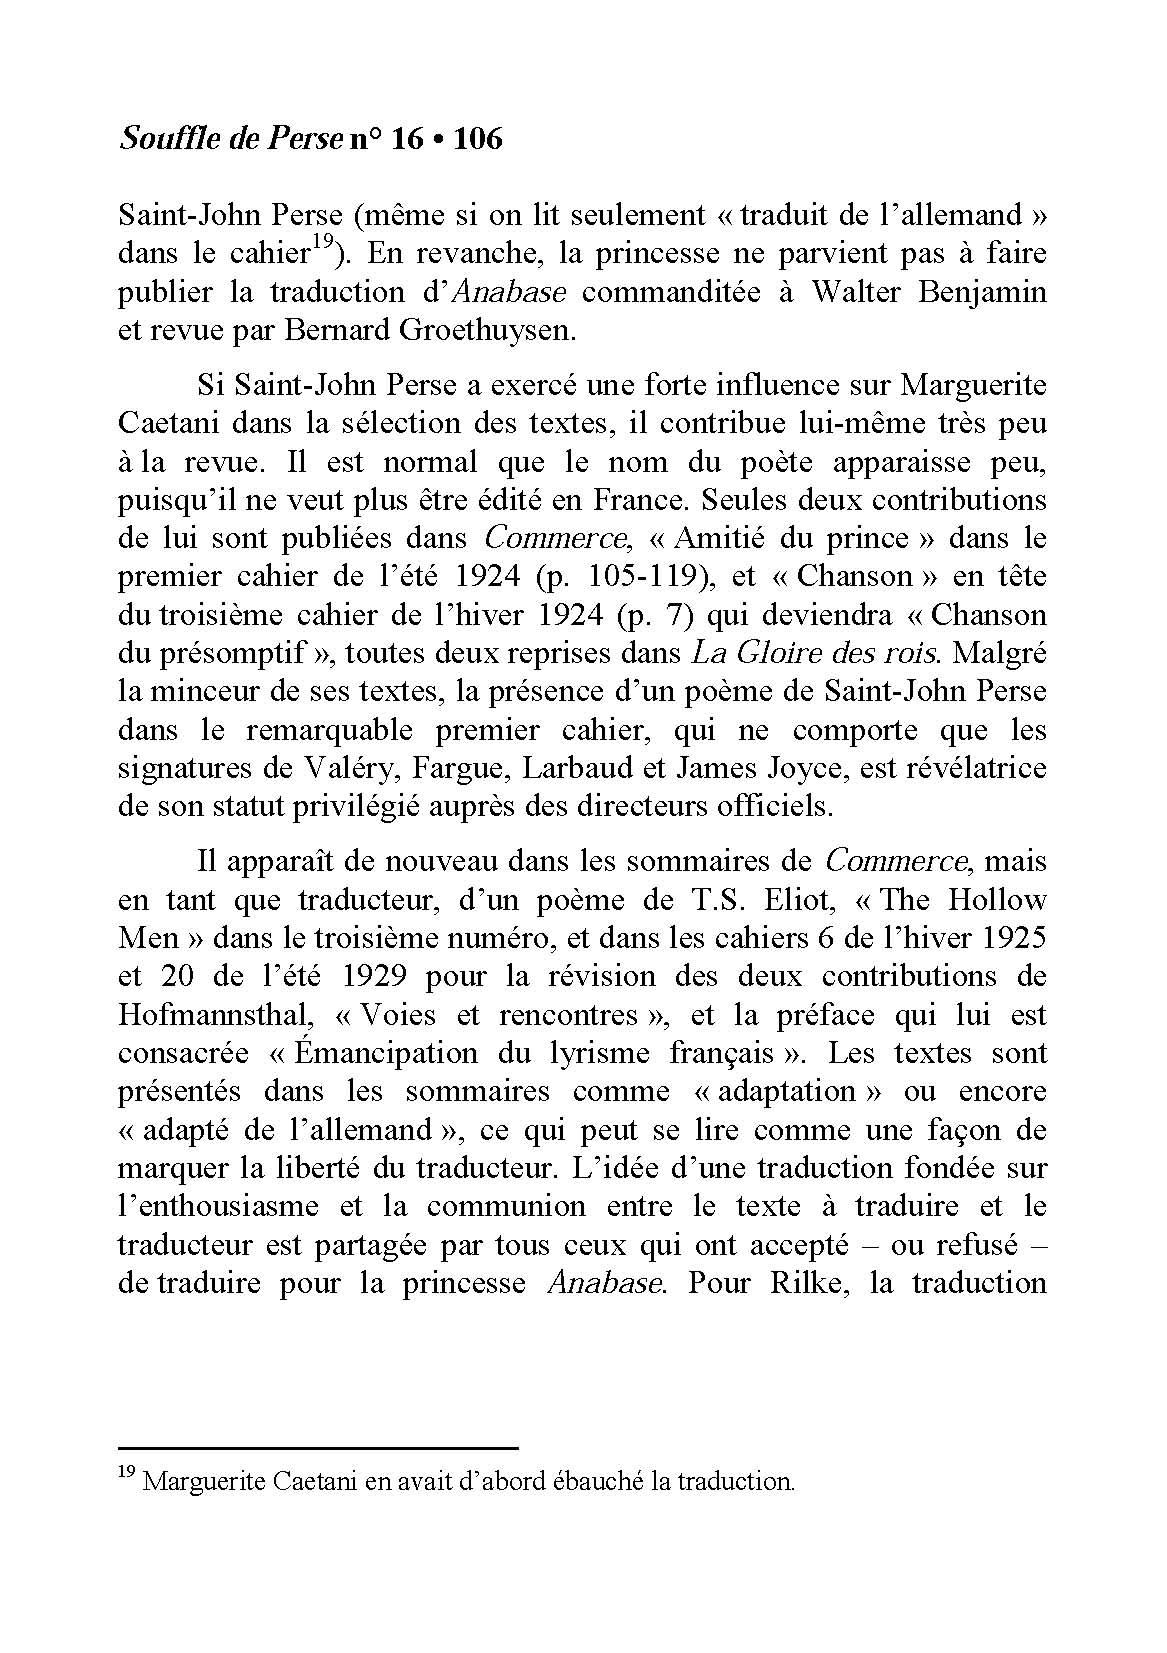 pages-de-pages-de-souffle-n-16-p-99-a-115_page_08